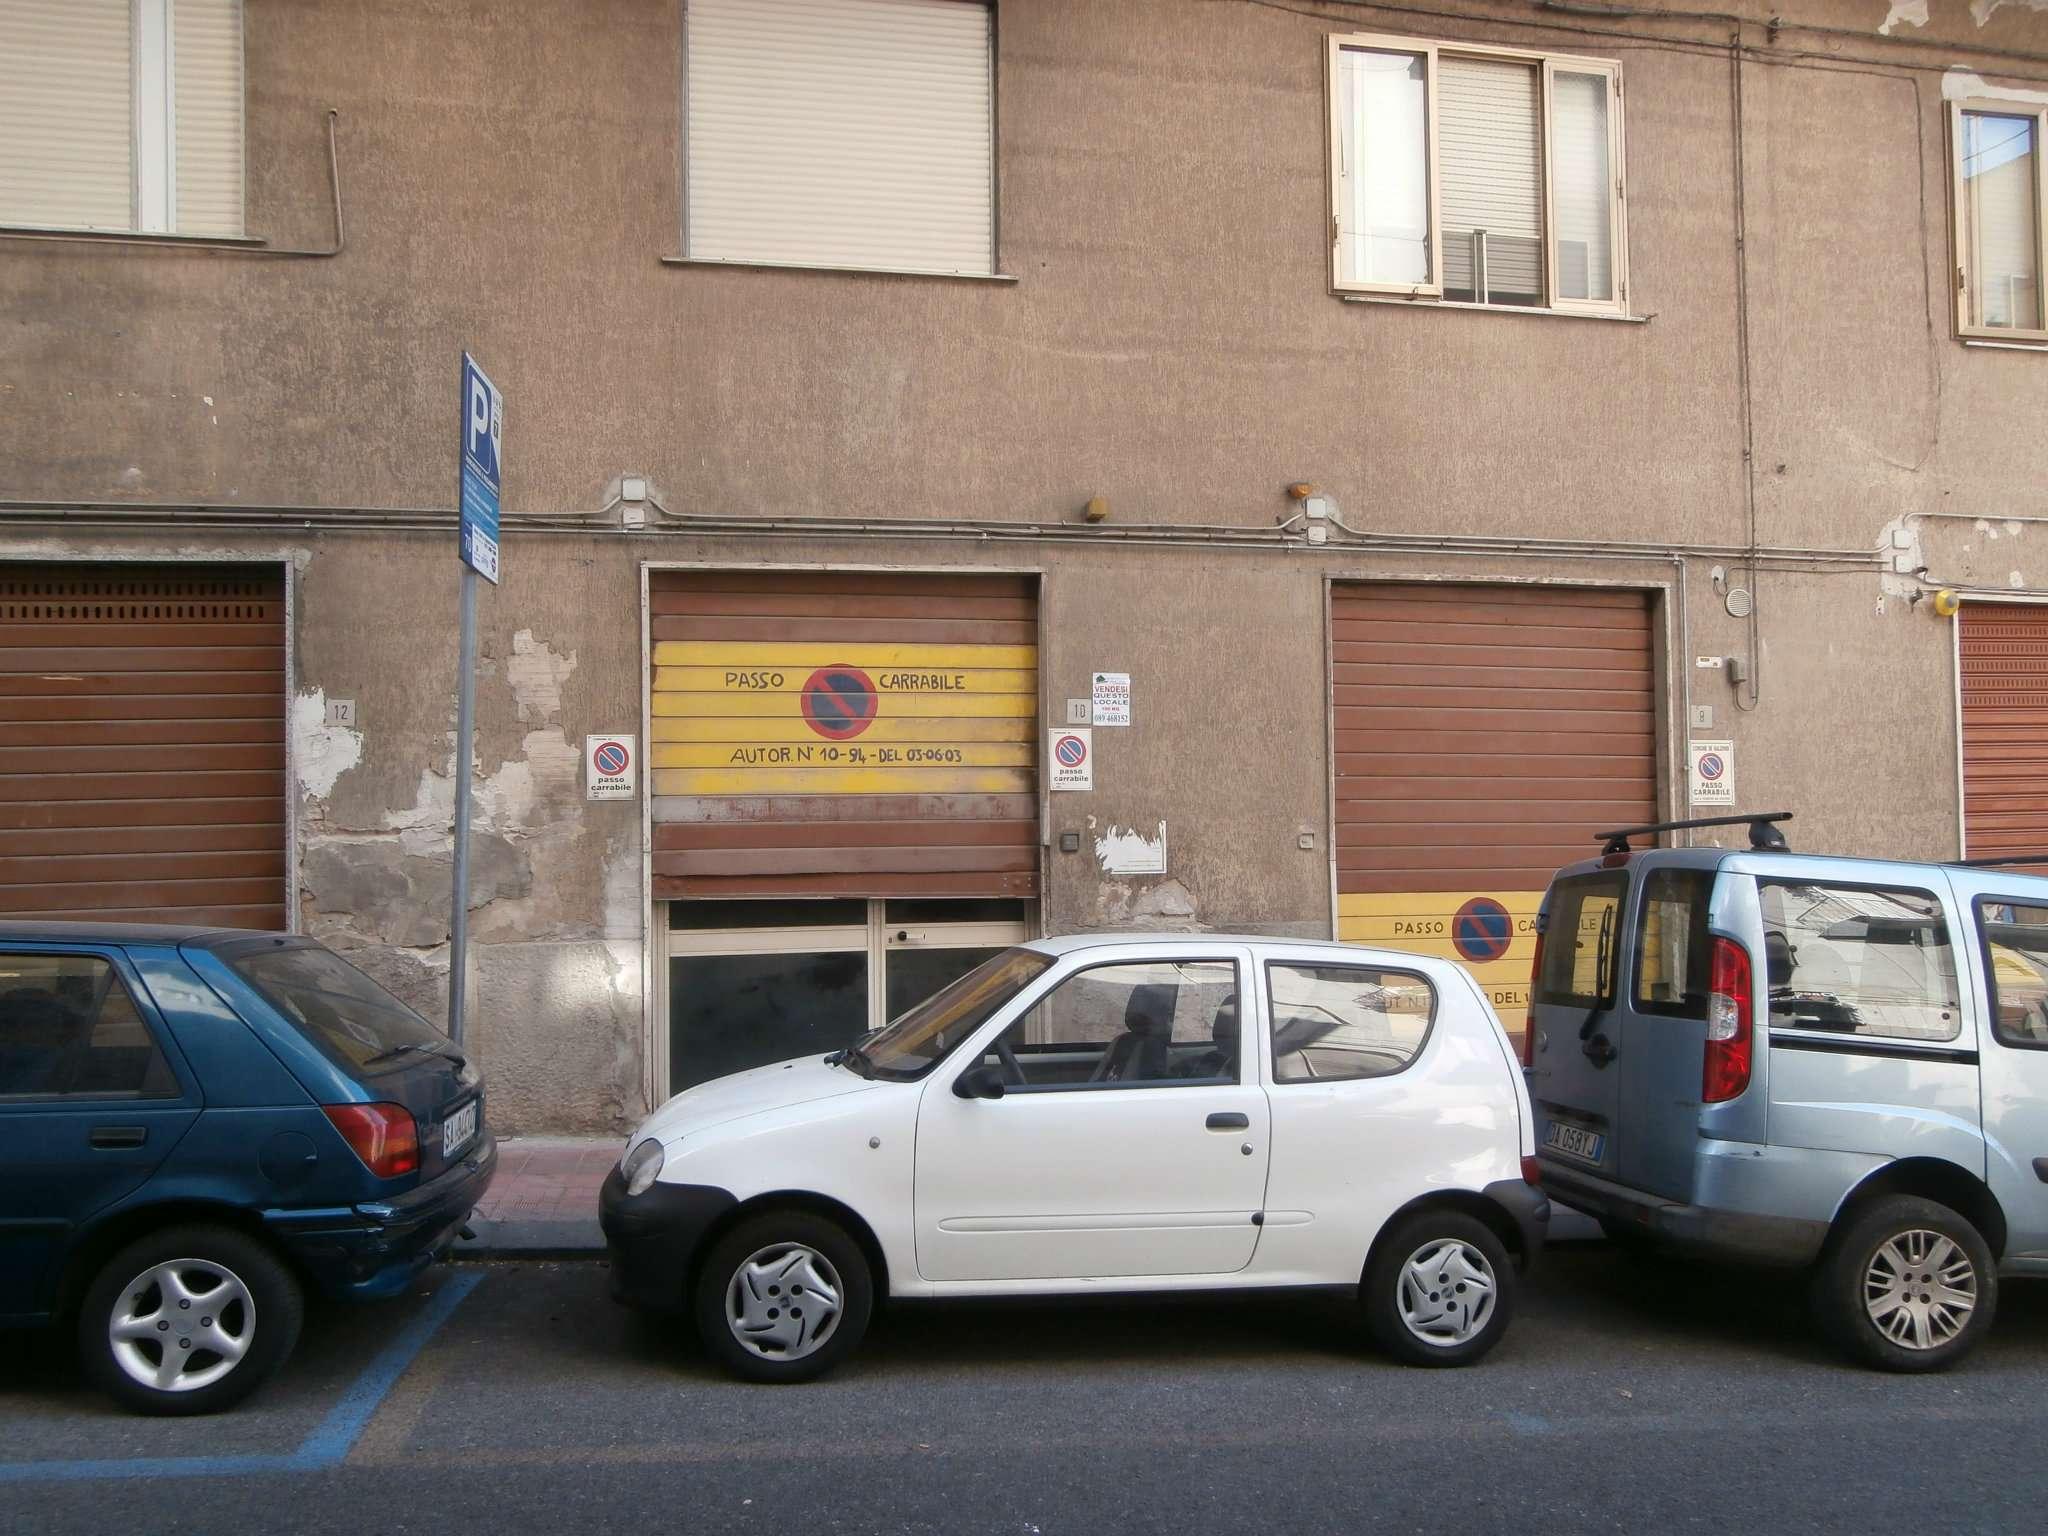 Magazzino in vendita a Salerno, 1 locali, prezzo € 135.000 | CambioCasa.it